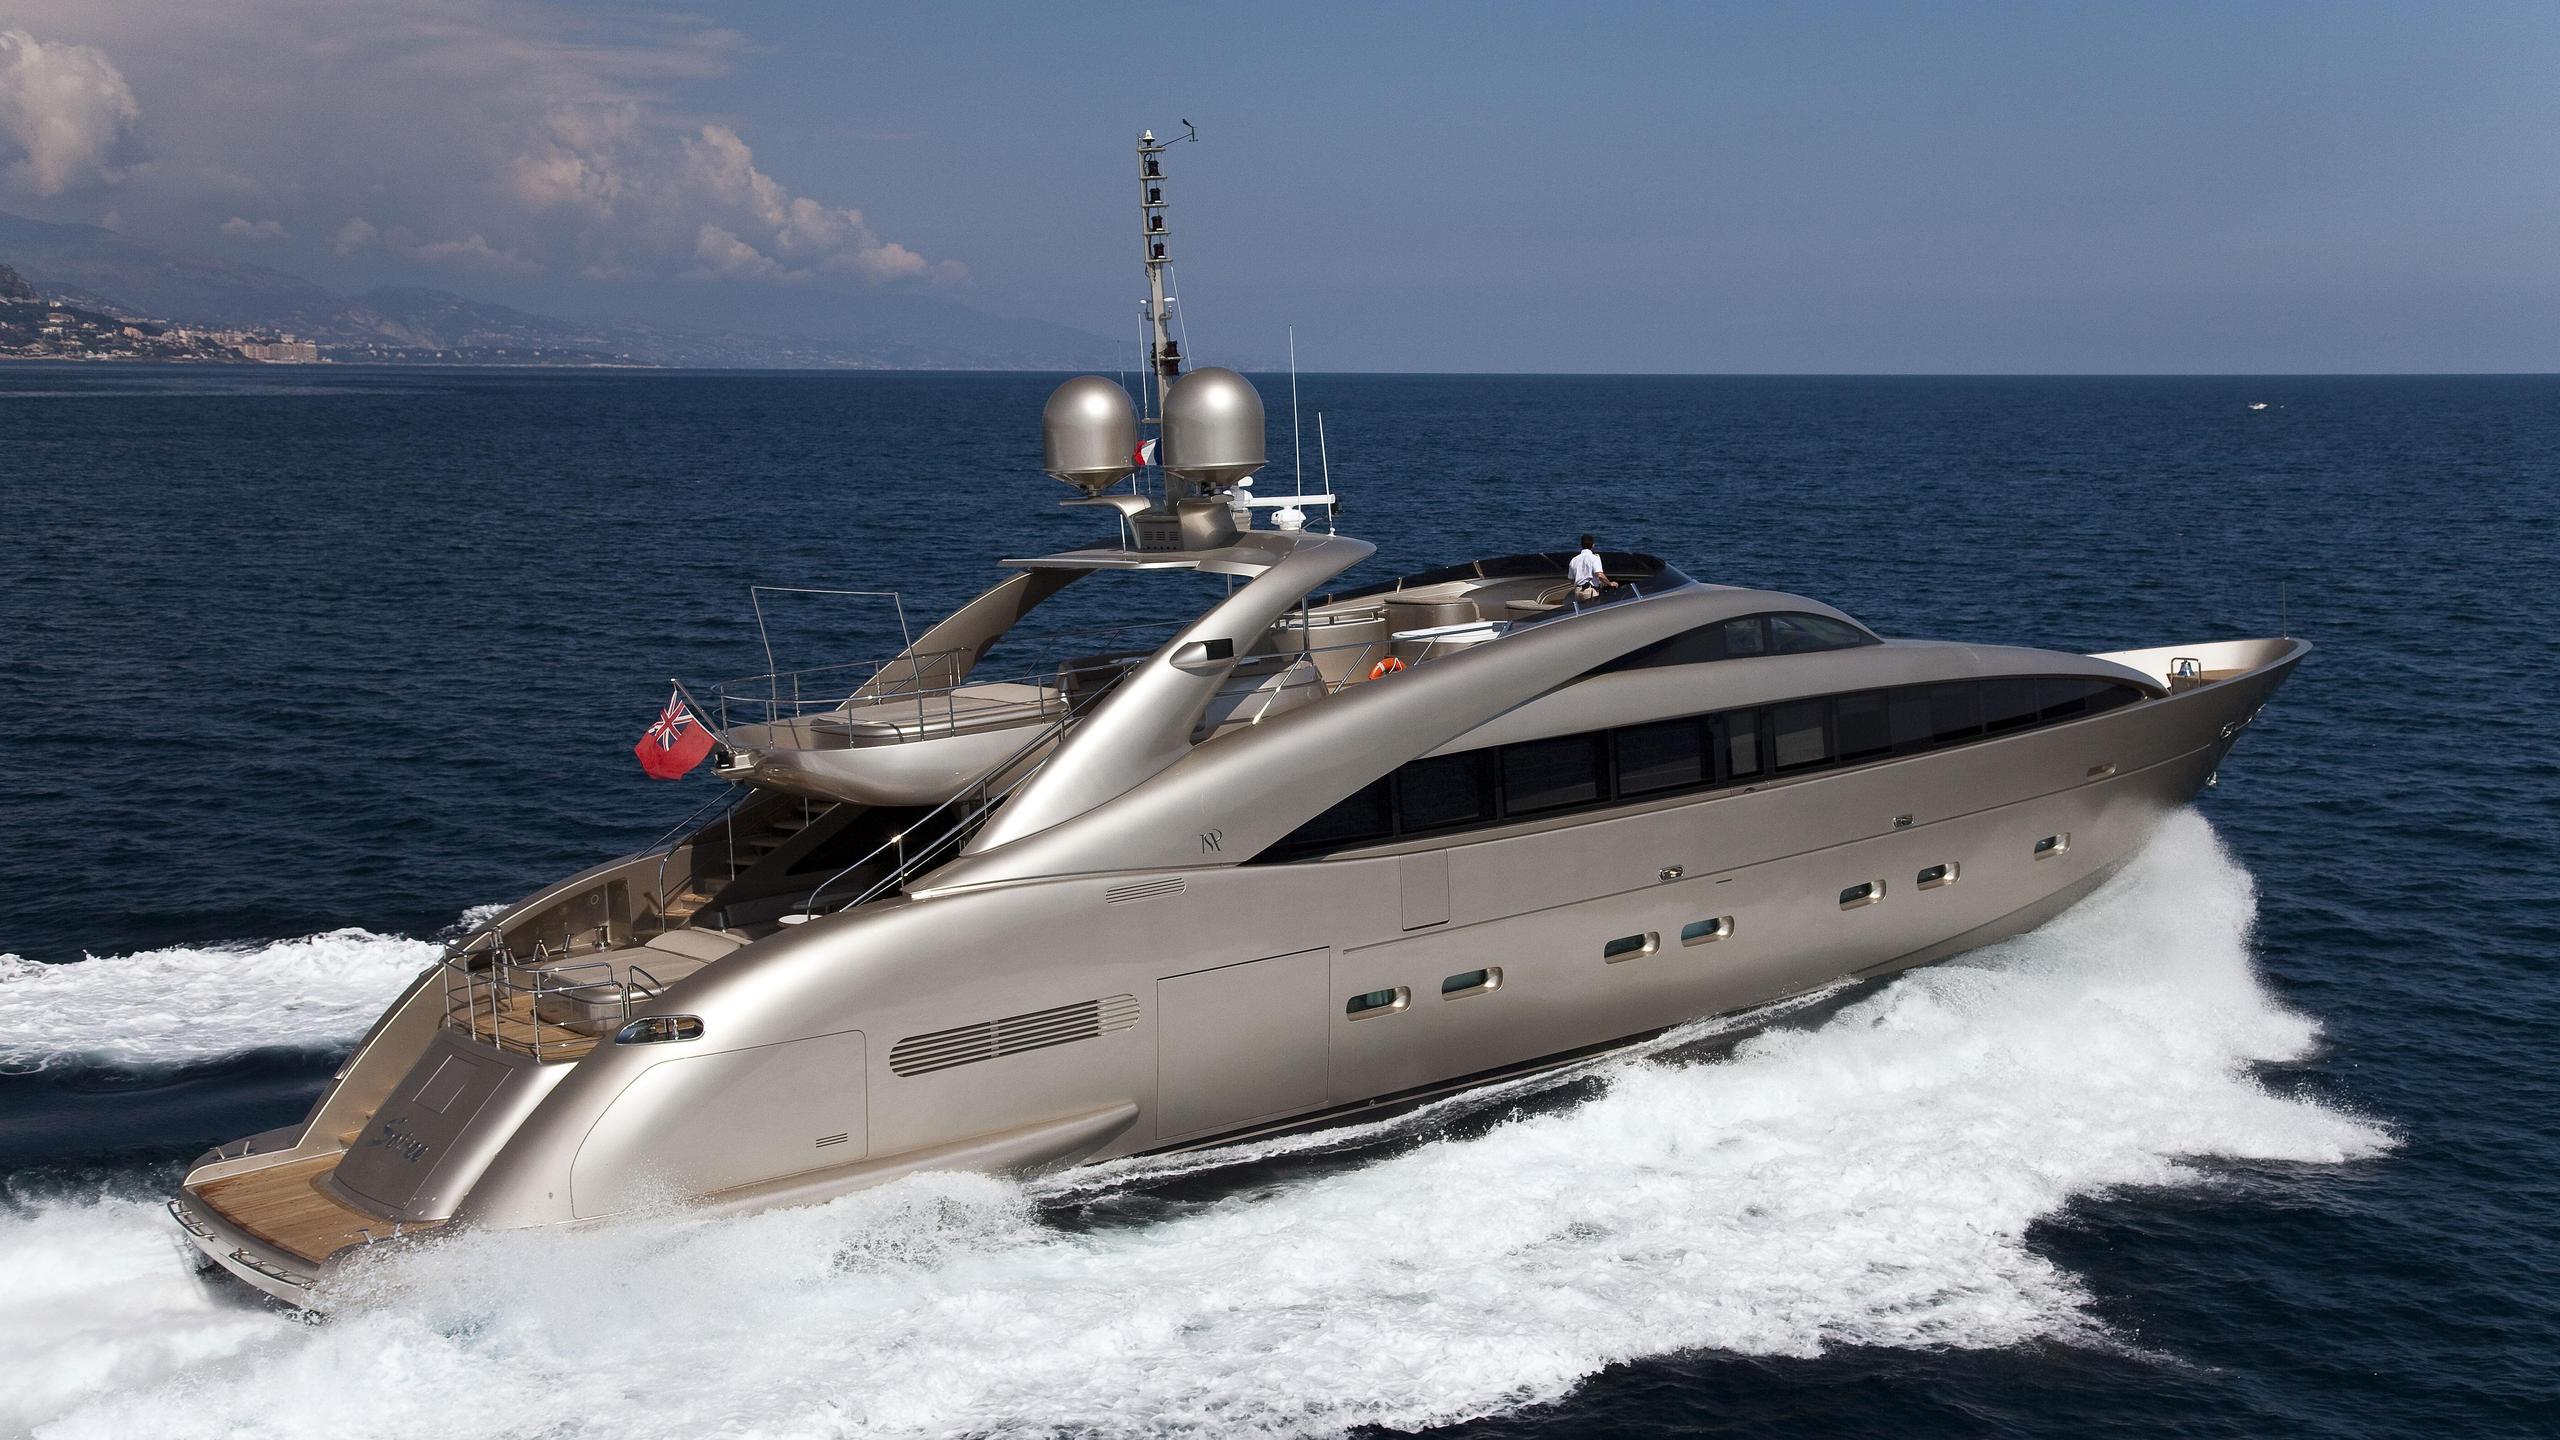 Soiree yacht running stern